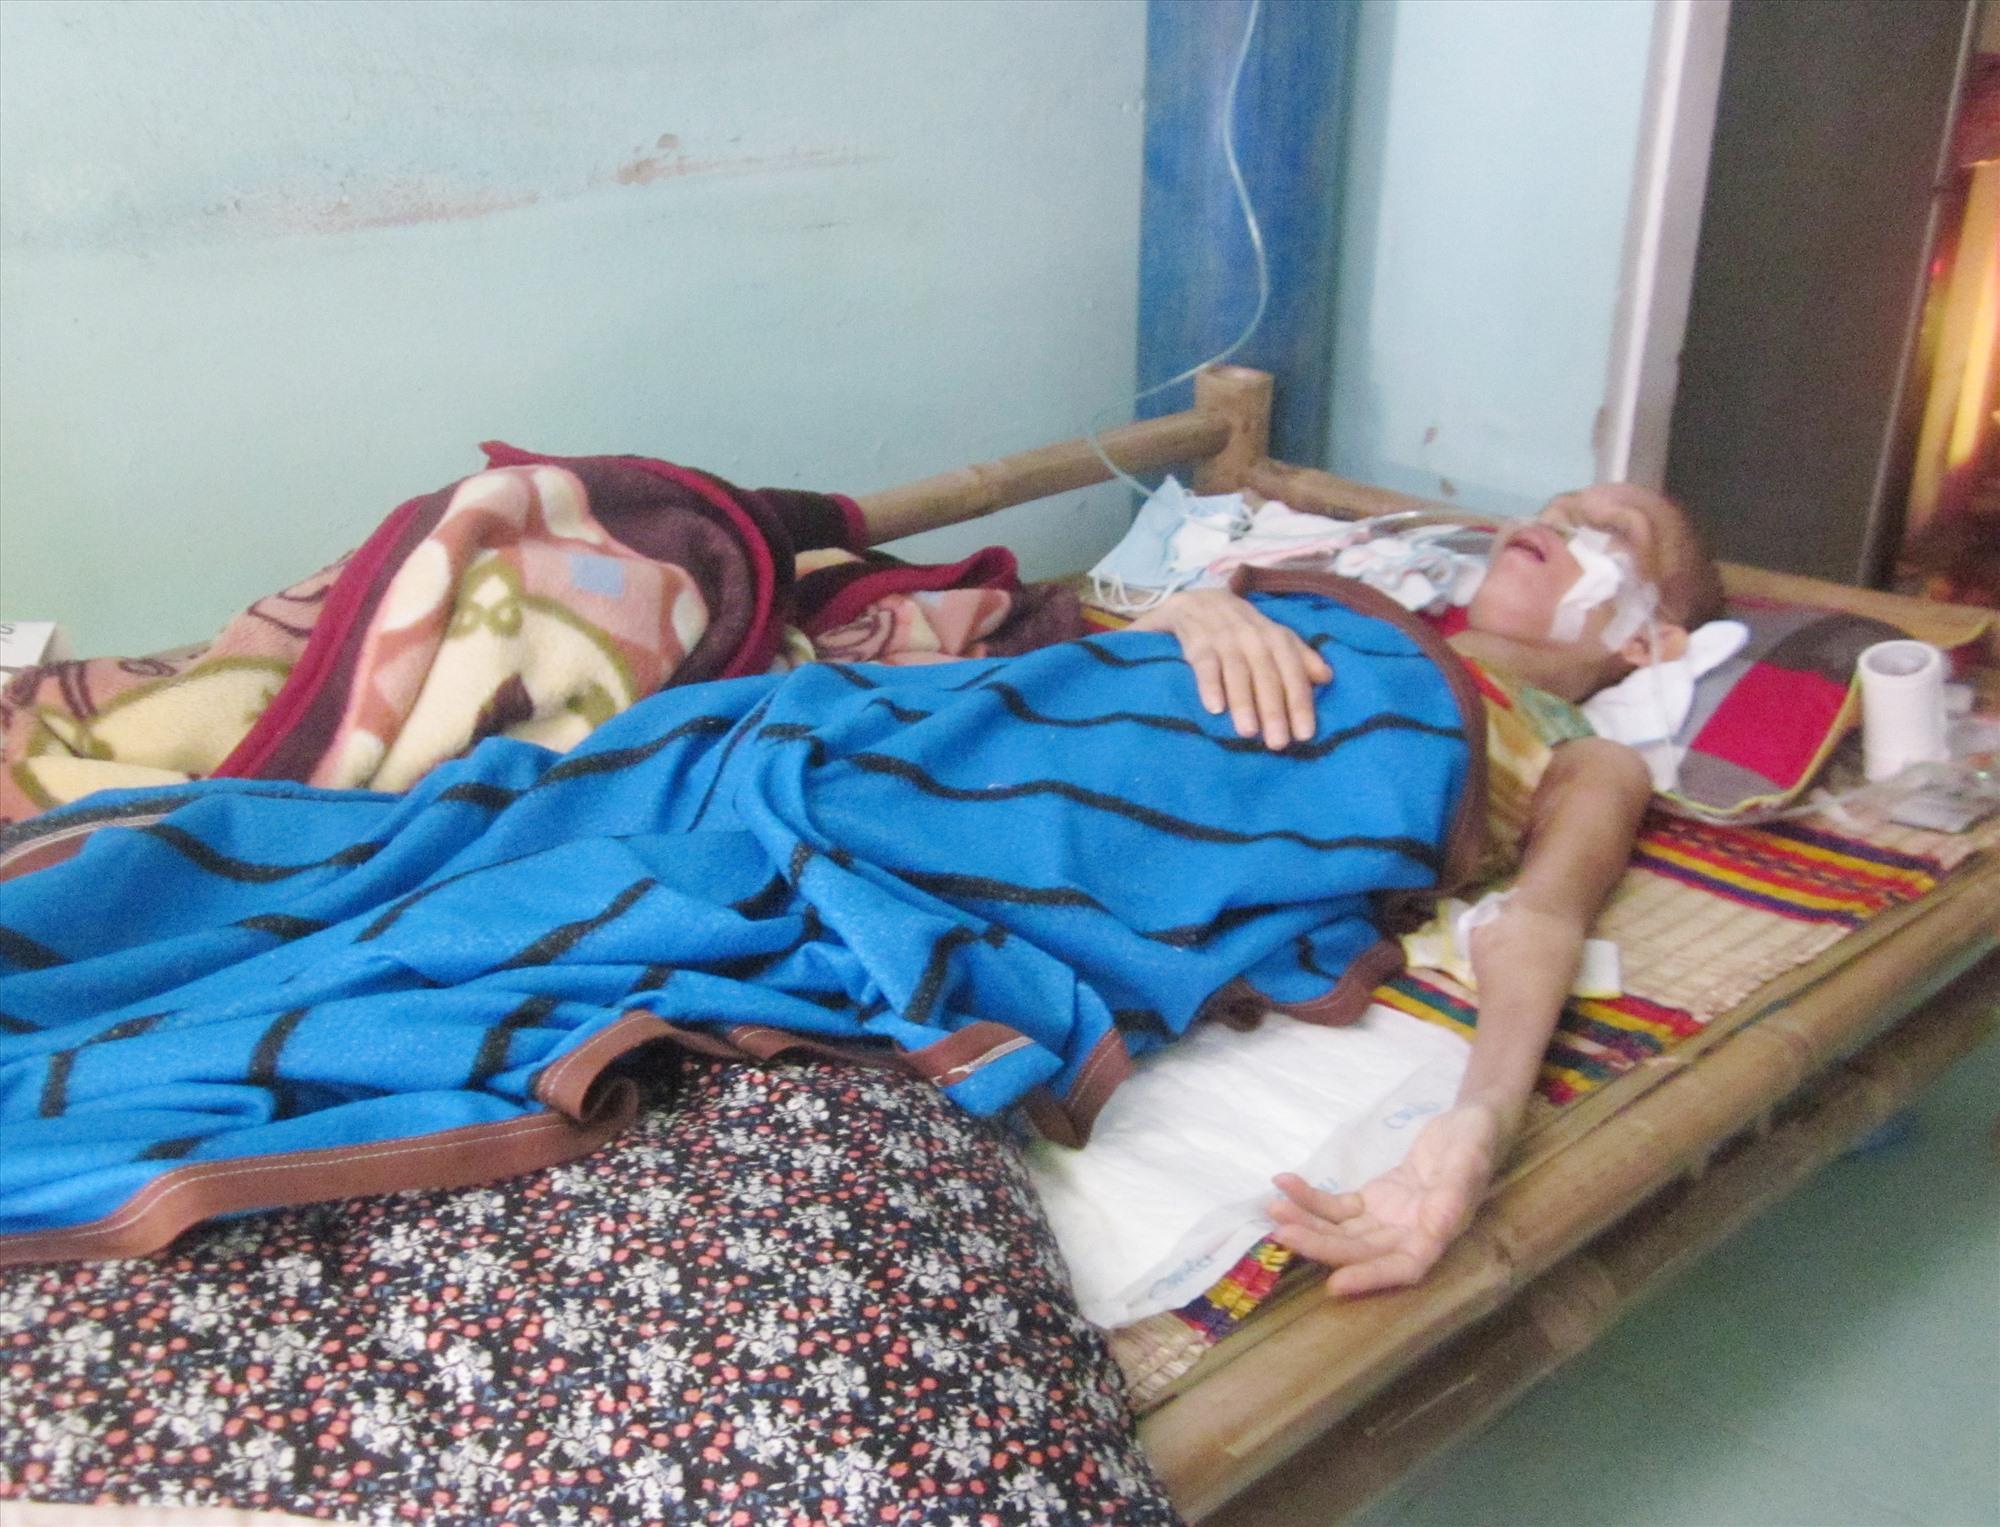 Chị Phùng Thị Thu (43 tuổi) bị bệnh ung thư máu, đang nằm bất động tại chỗ sau khi bệnh viện trả về. Ảnh: N.Q